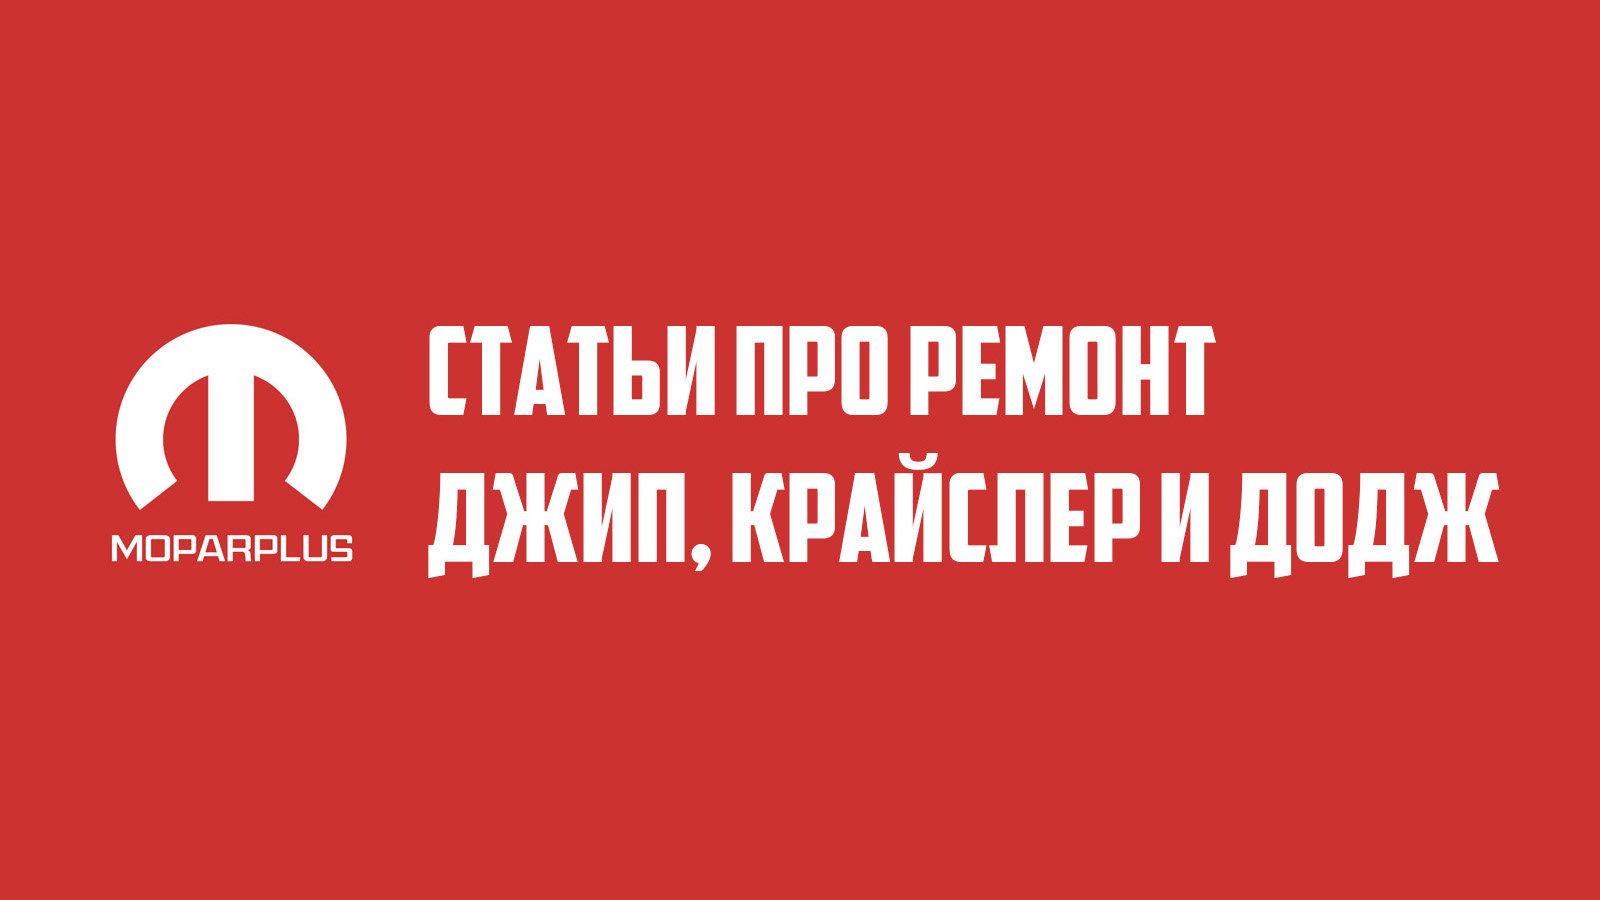 Статьи про ремонт. Выпуск №22.